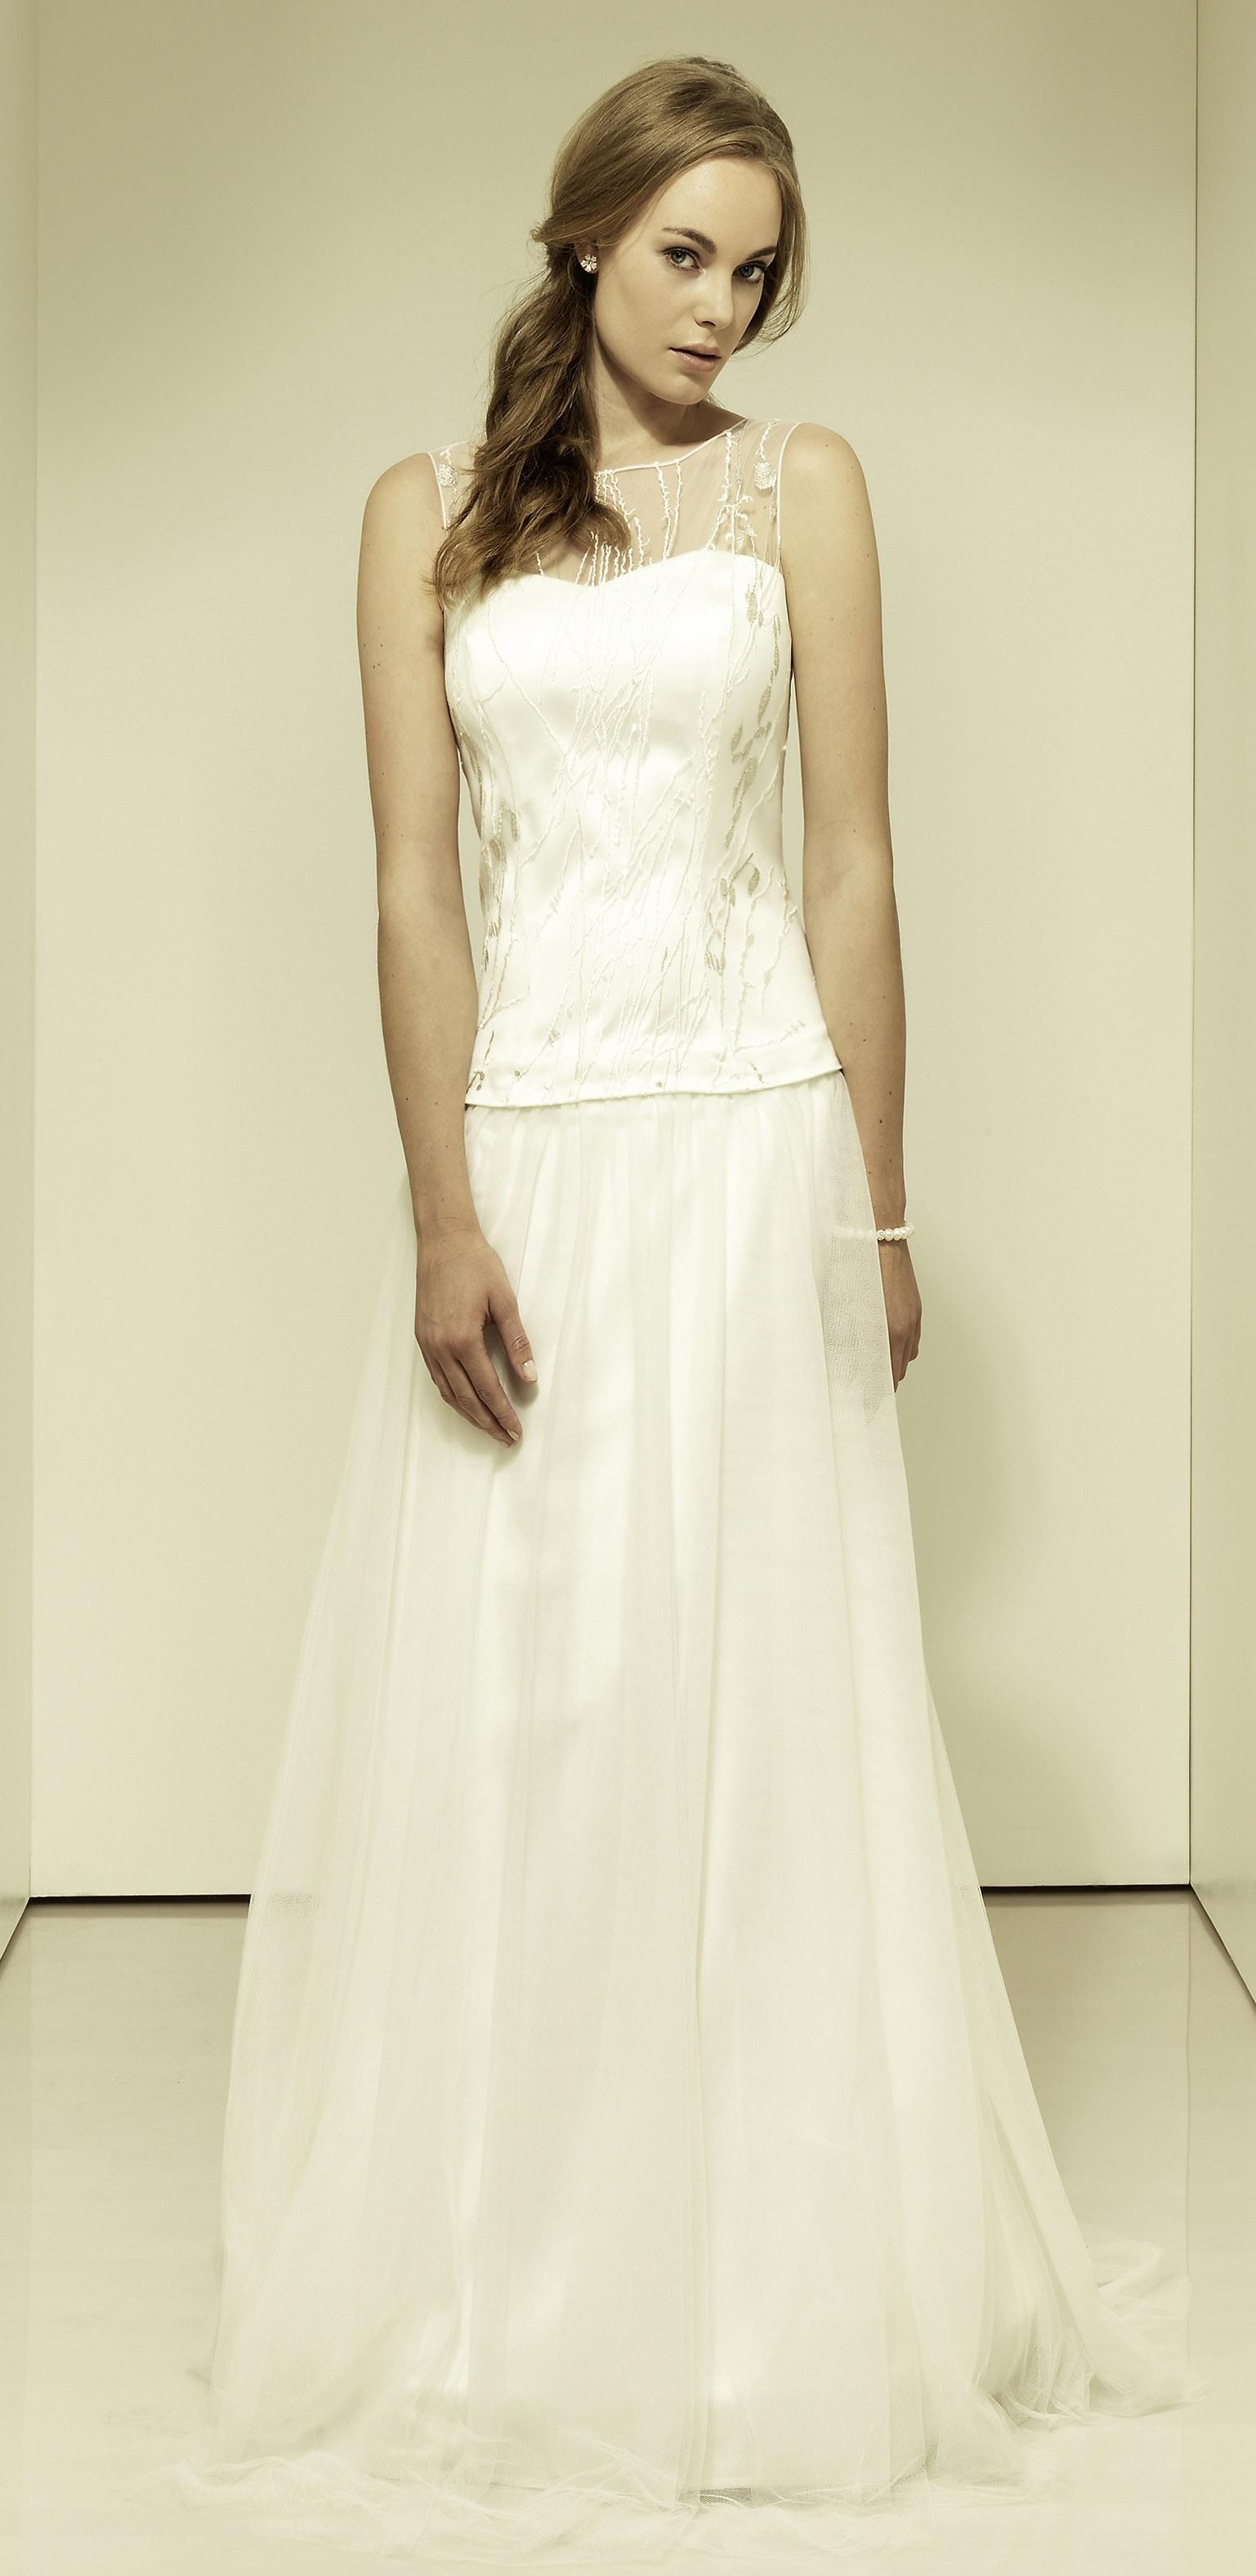 15 Erstaunlich Brautmode Online Shop DesignDesigner Luxurius Brautmode Online Shop Galerie